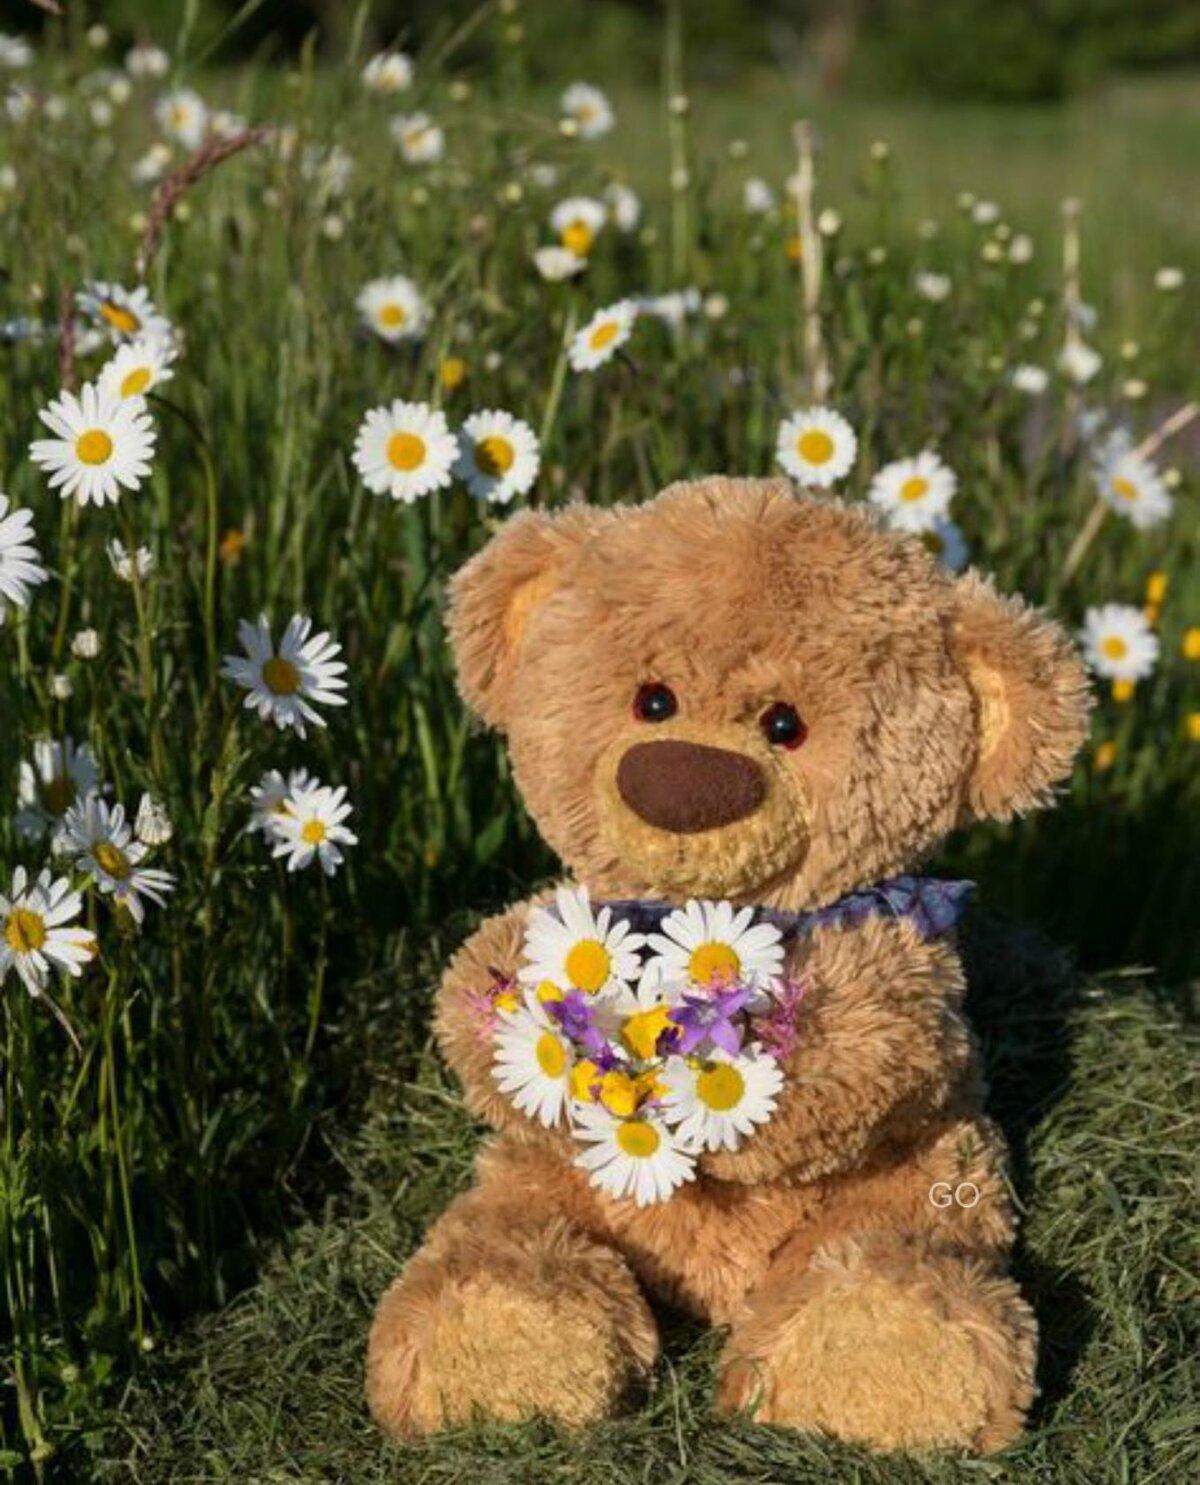 Доброе утро плюшевый медведь картинка